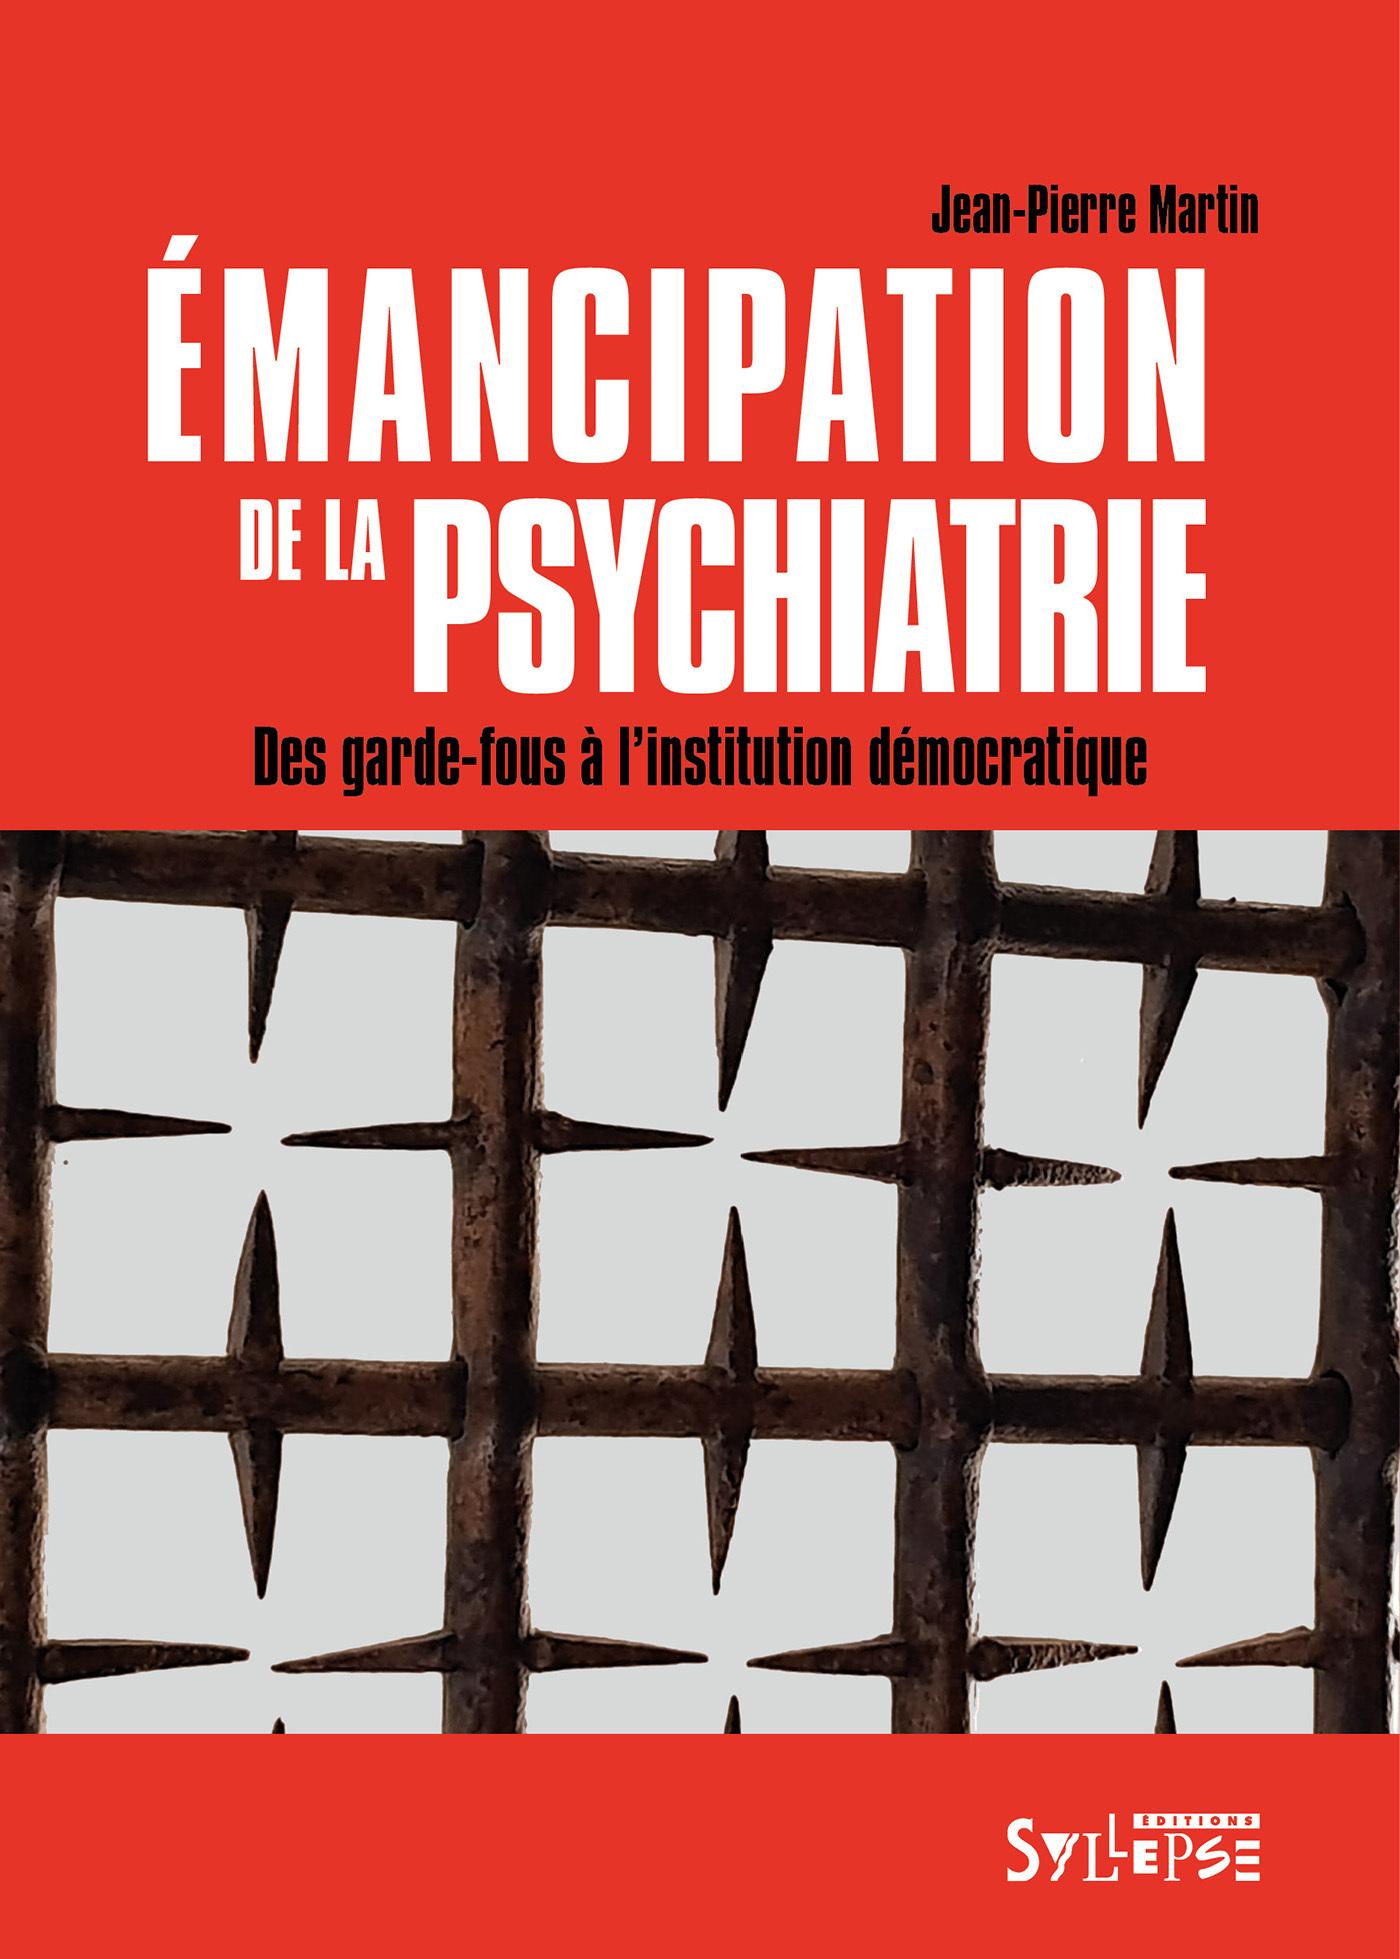 EMANCIPATION DE LA PSYCHIATRIE - DES GARDE-FOUS A L'INSTITUTION DEMOCRATIQUE